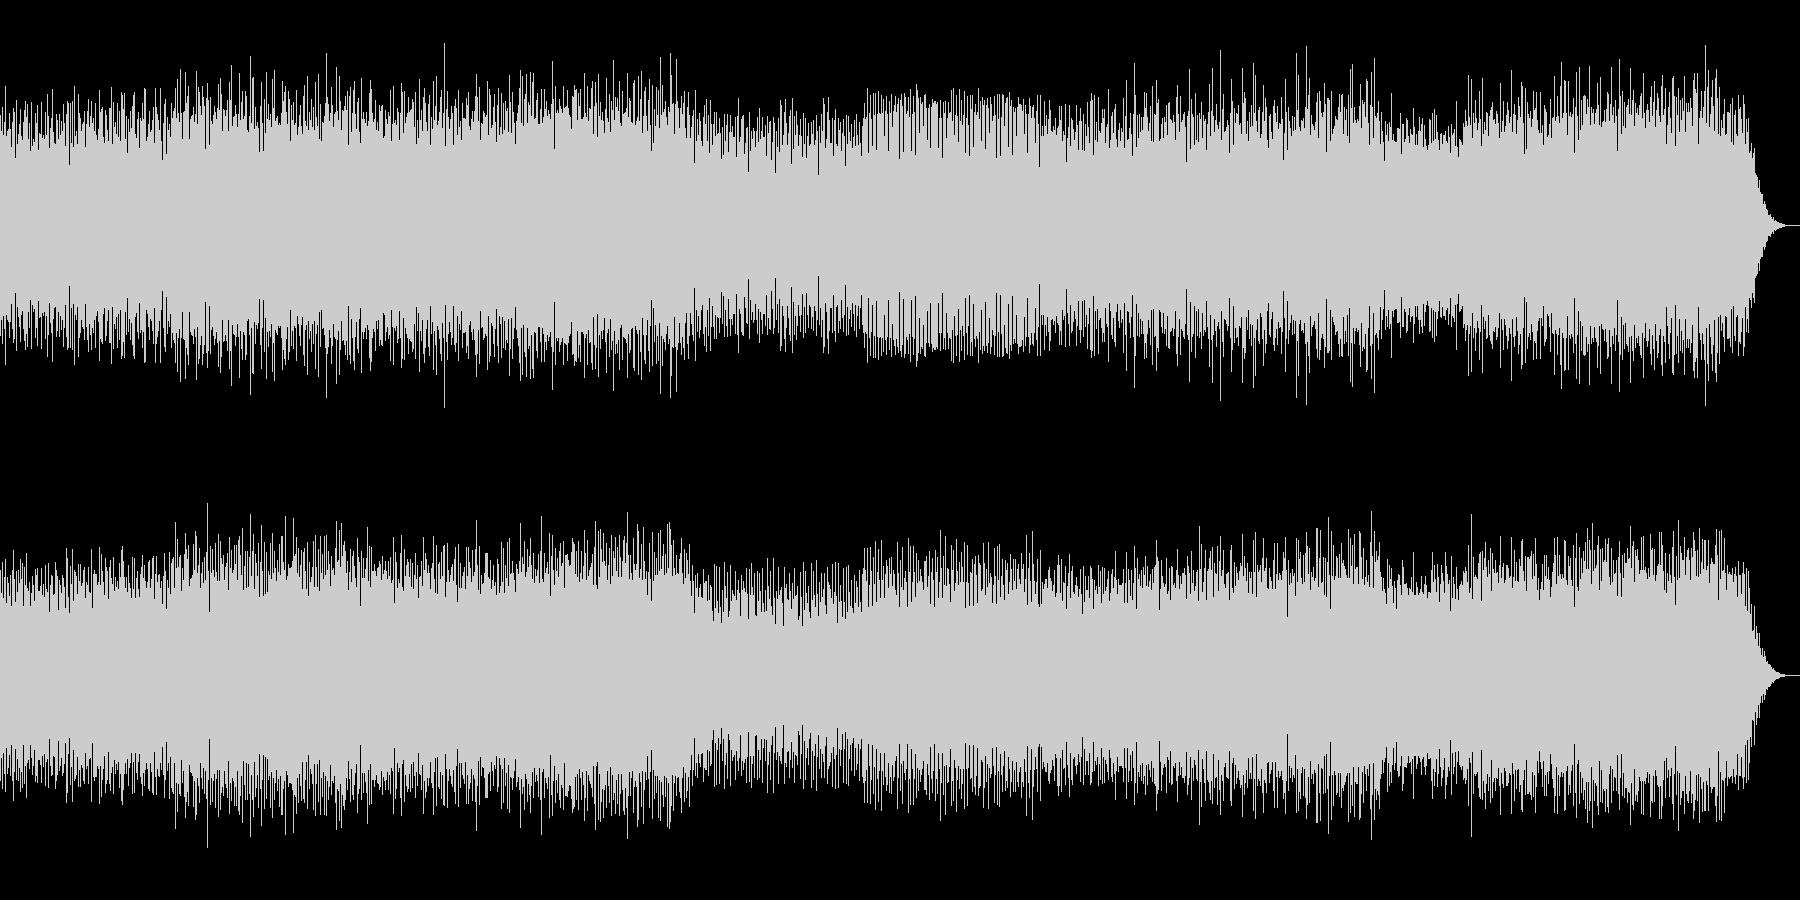 ブログレッシブハウス系の未再生の波形